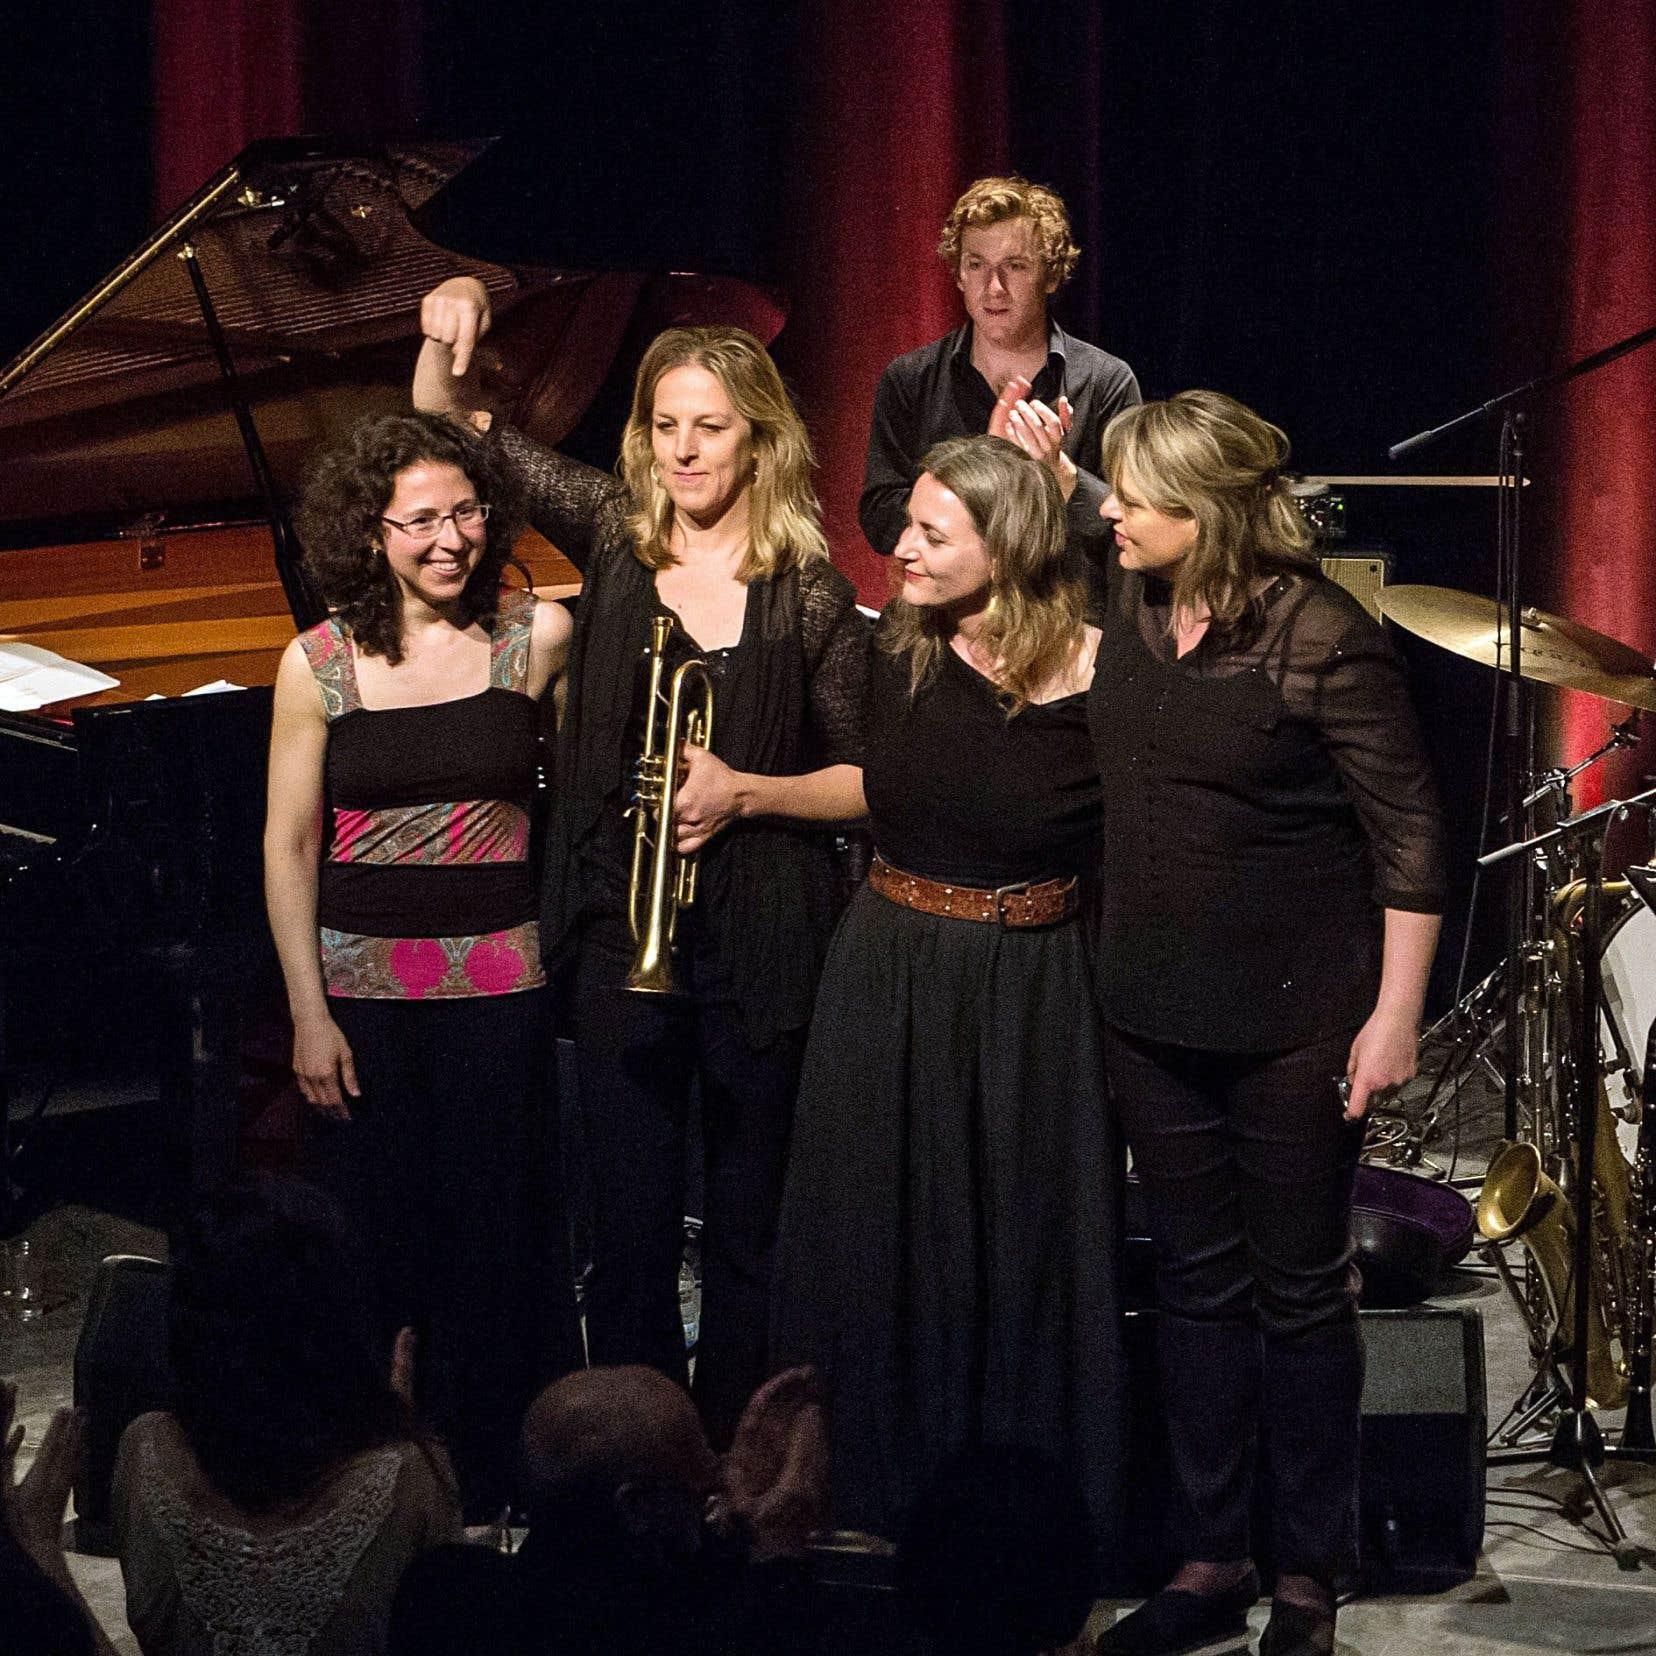 Le concert d'ouverture sera consacré à la musique orchestrale des femmes sous la direction de la pianiste Marianne Trudel avec l'Orchestre national de jazz de Montréal.